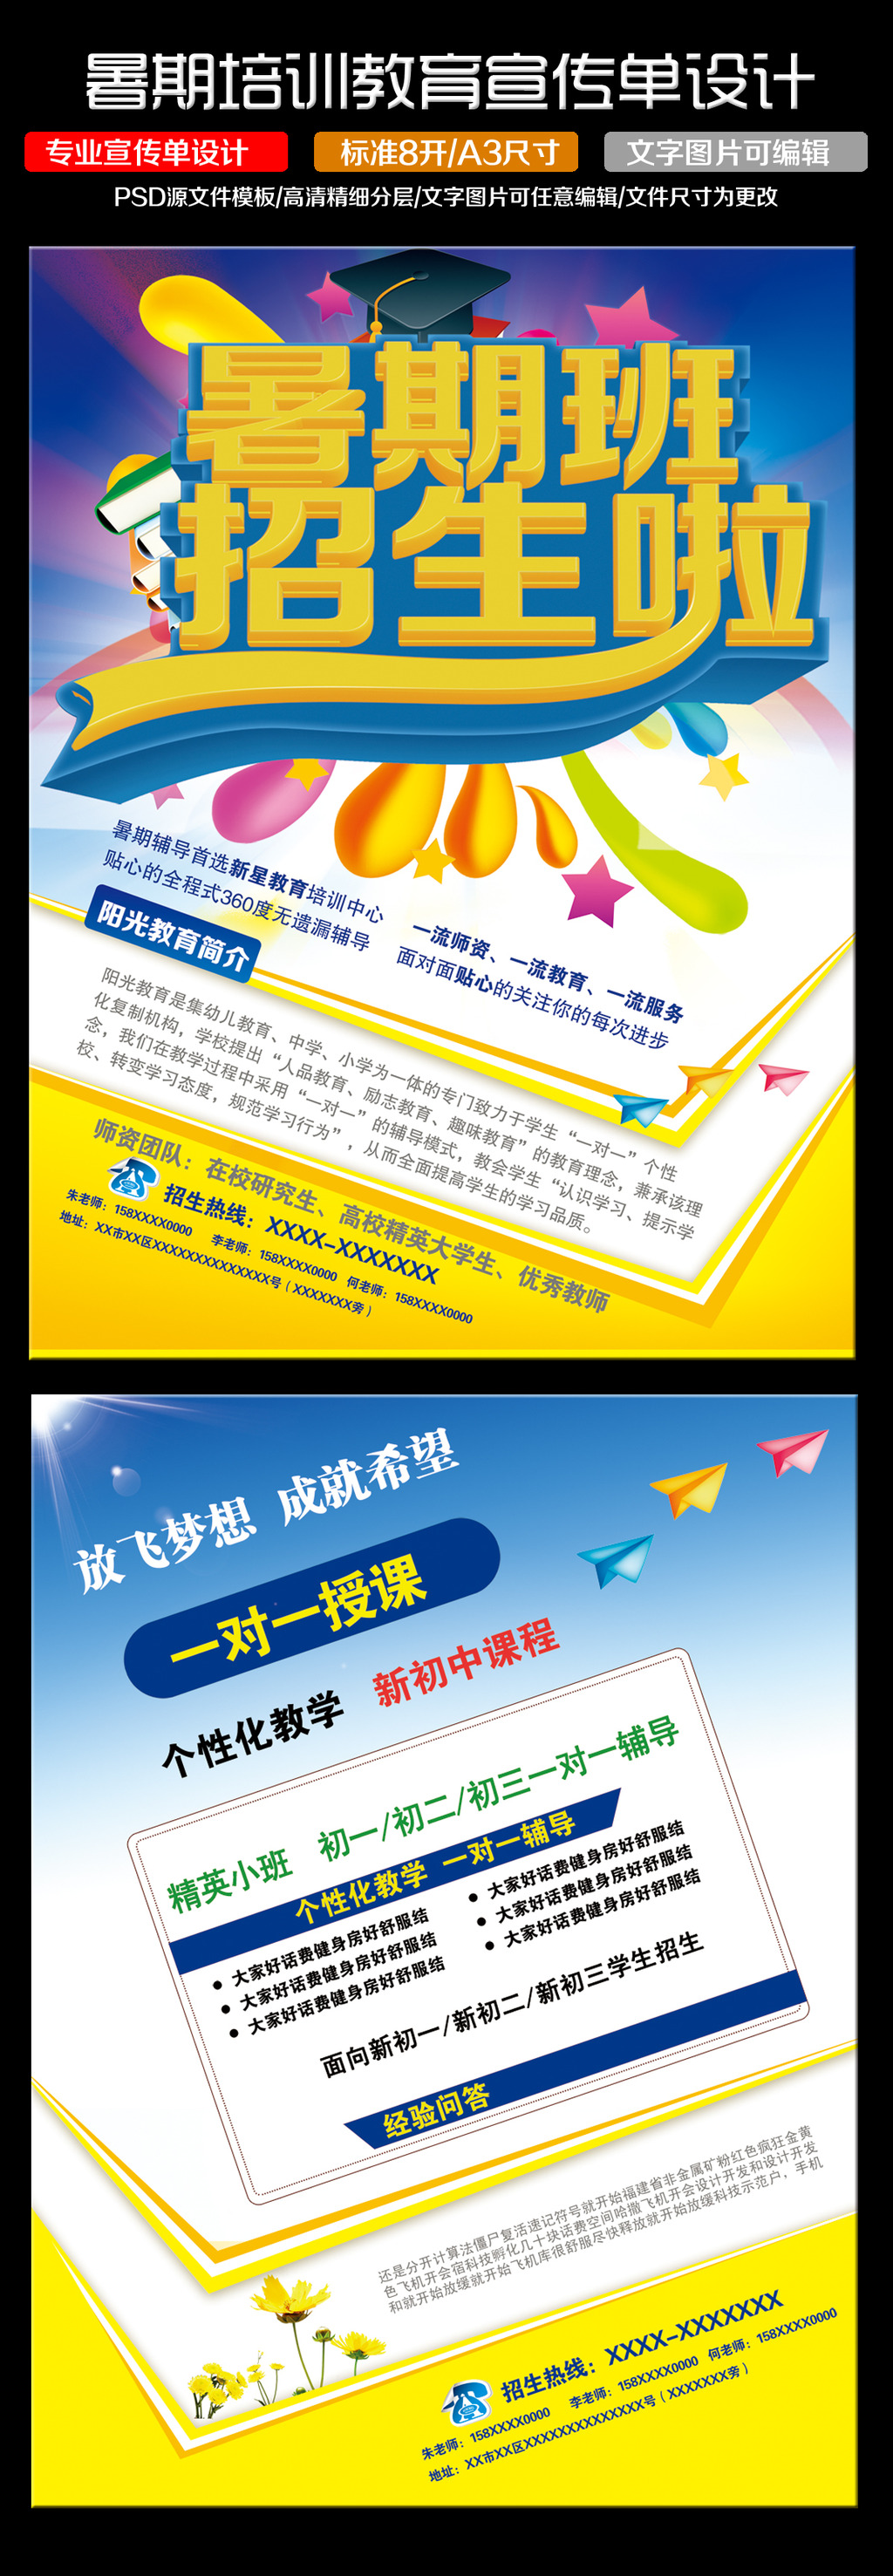 暑期托管班教育培训招生海报dm宣传单模板